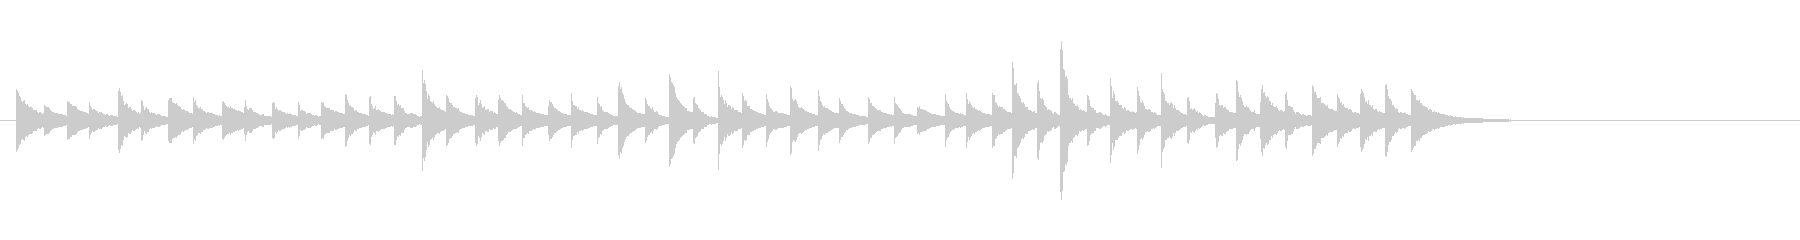 松虫8早めキラキラ鉄琴アジアン和風歌舞伎の未再生の波形